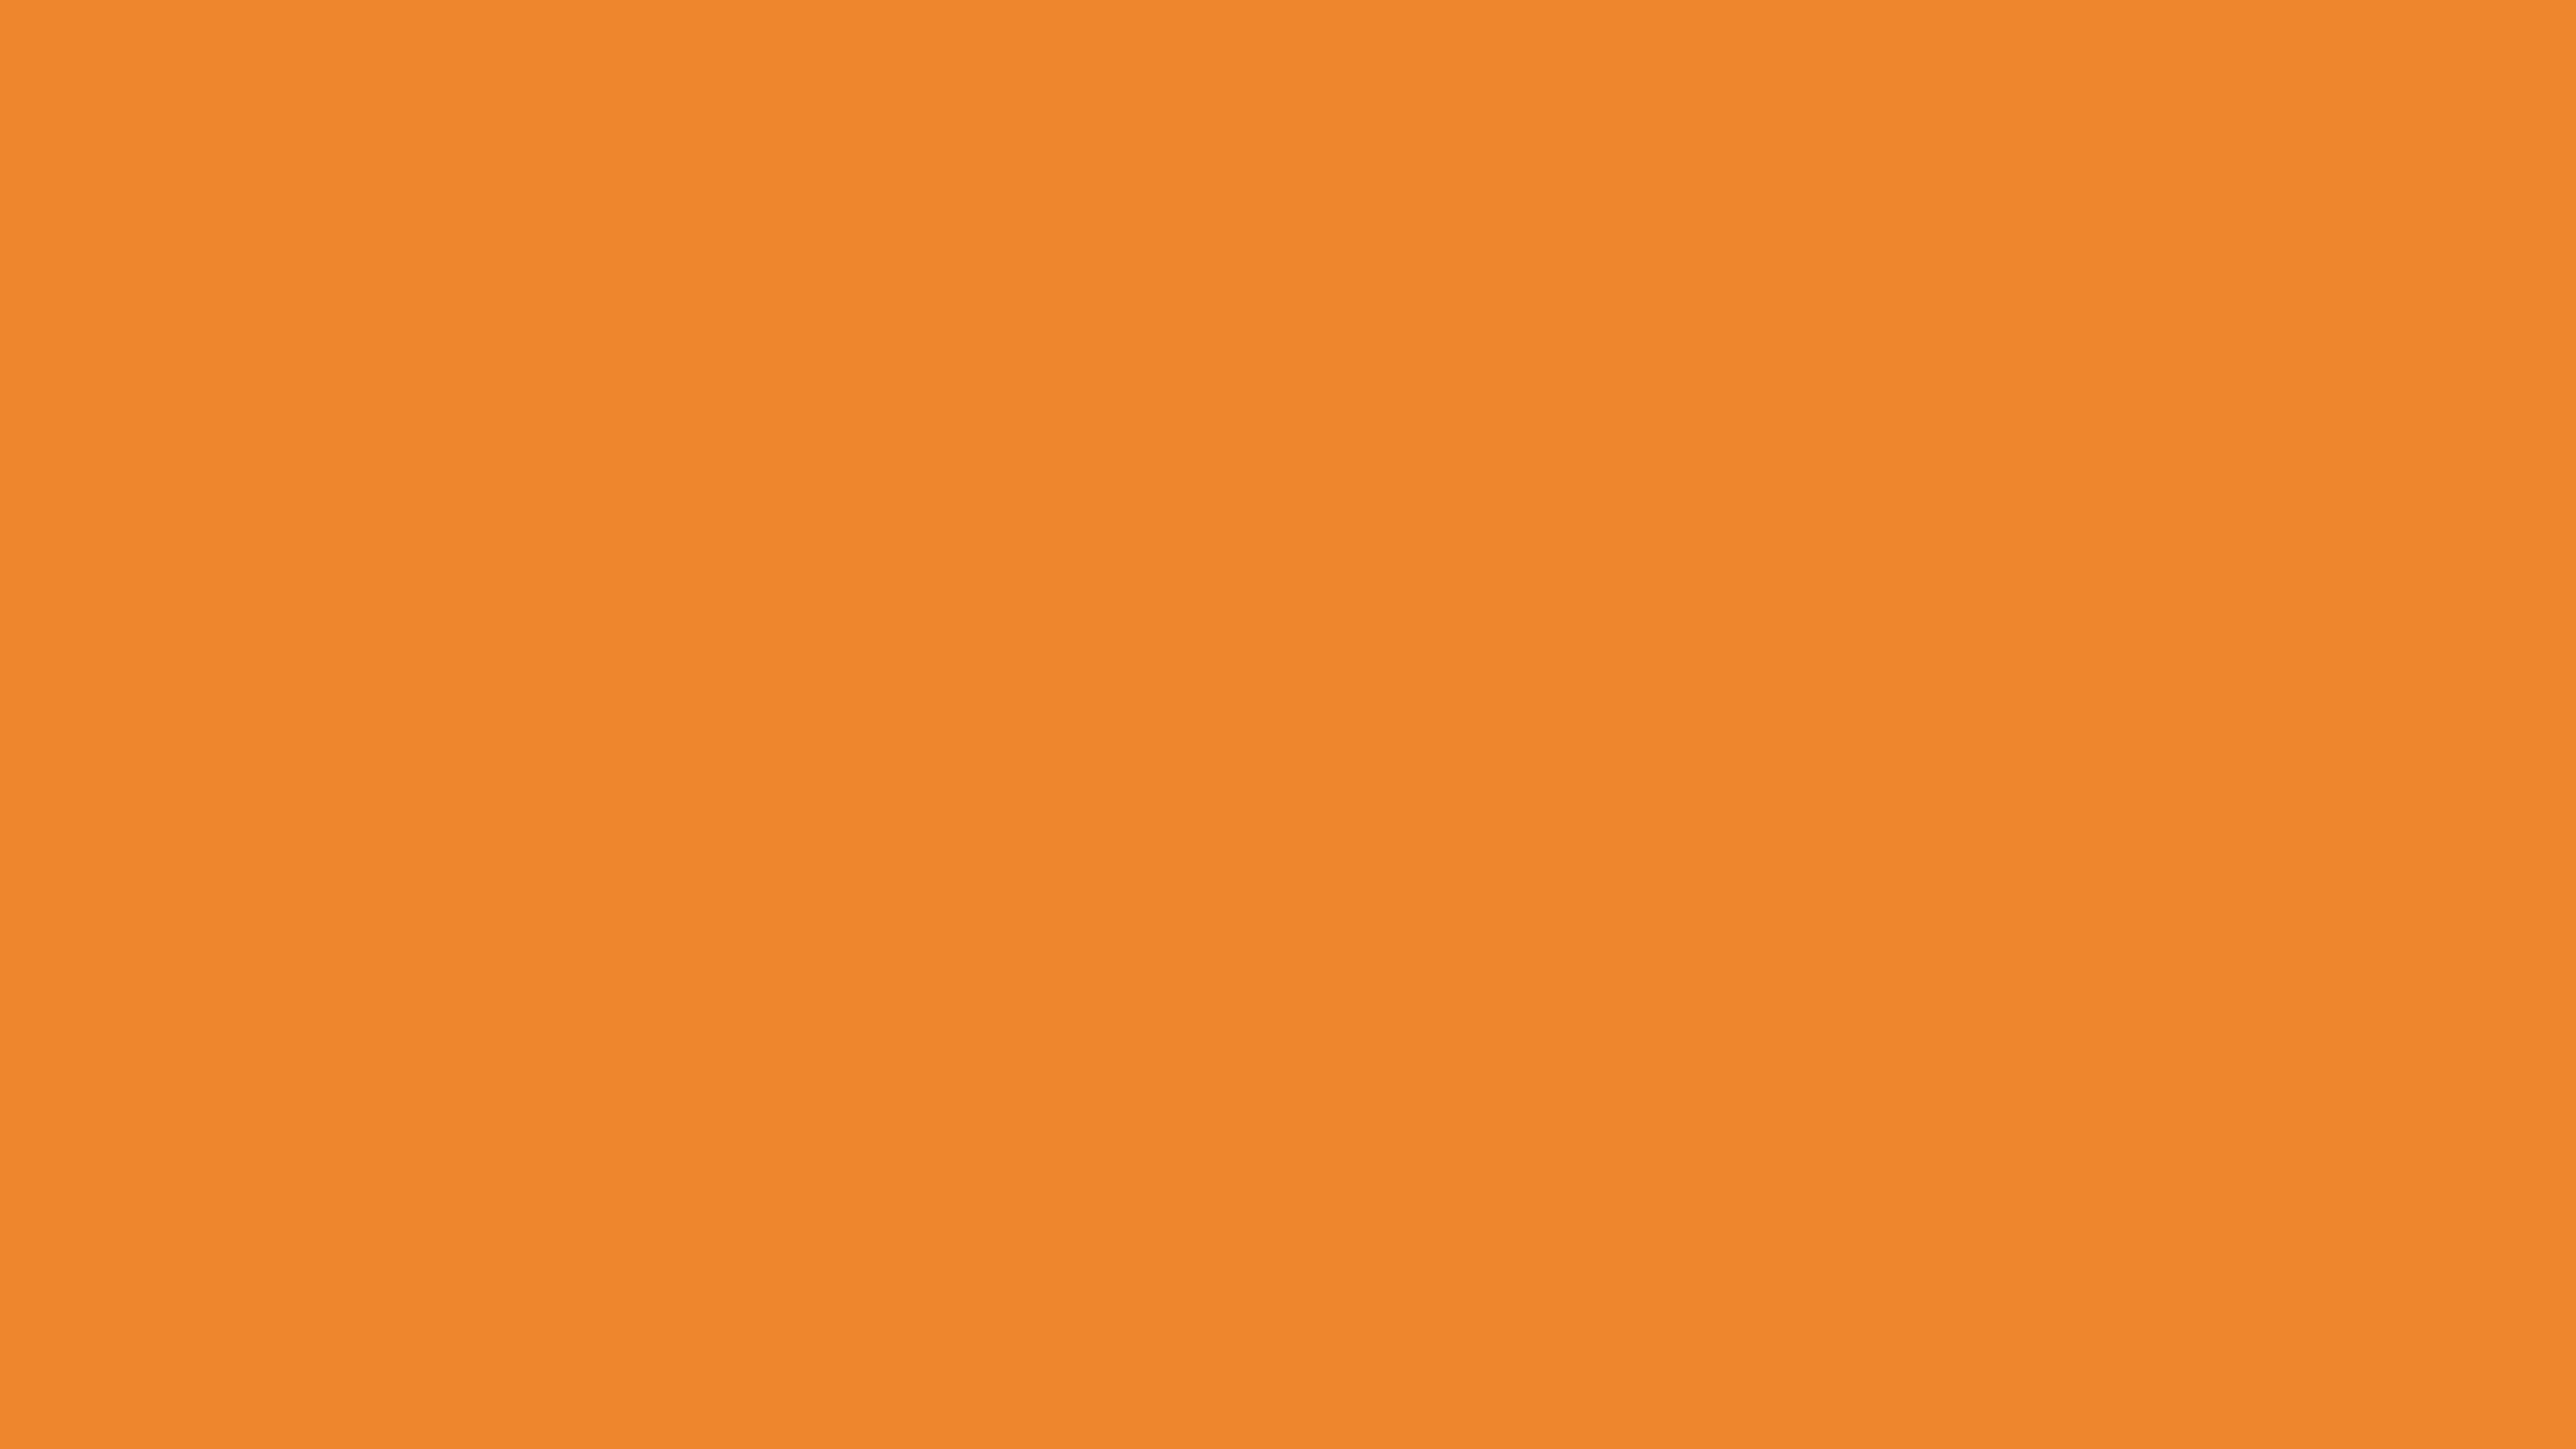 5120x2880 Cadmium Orange Solid Color Background